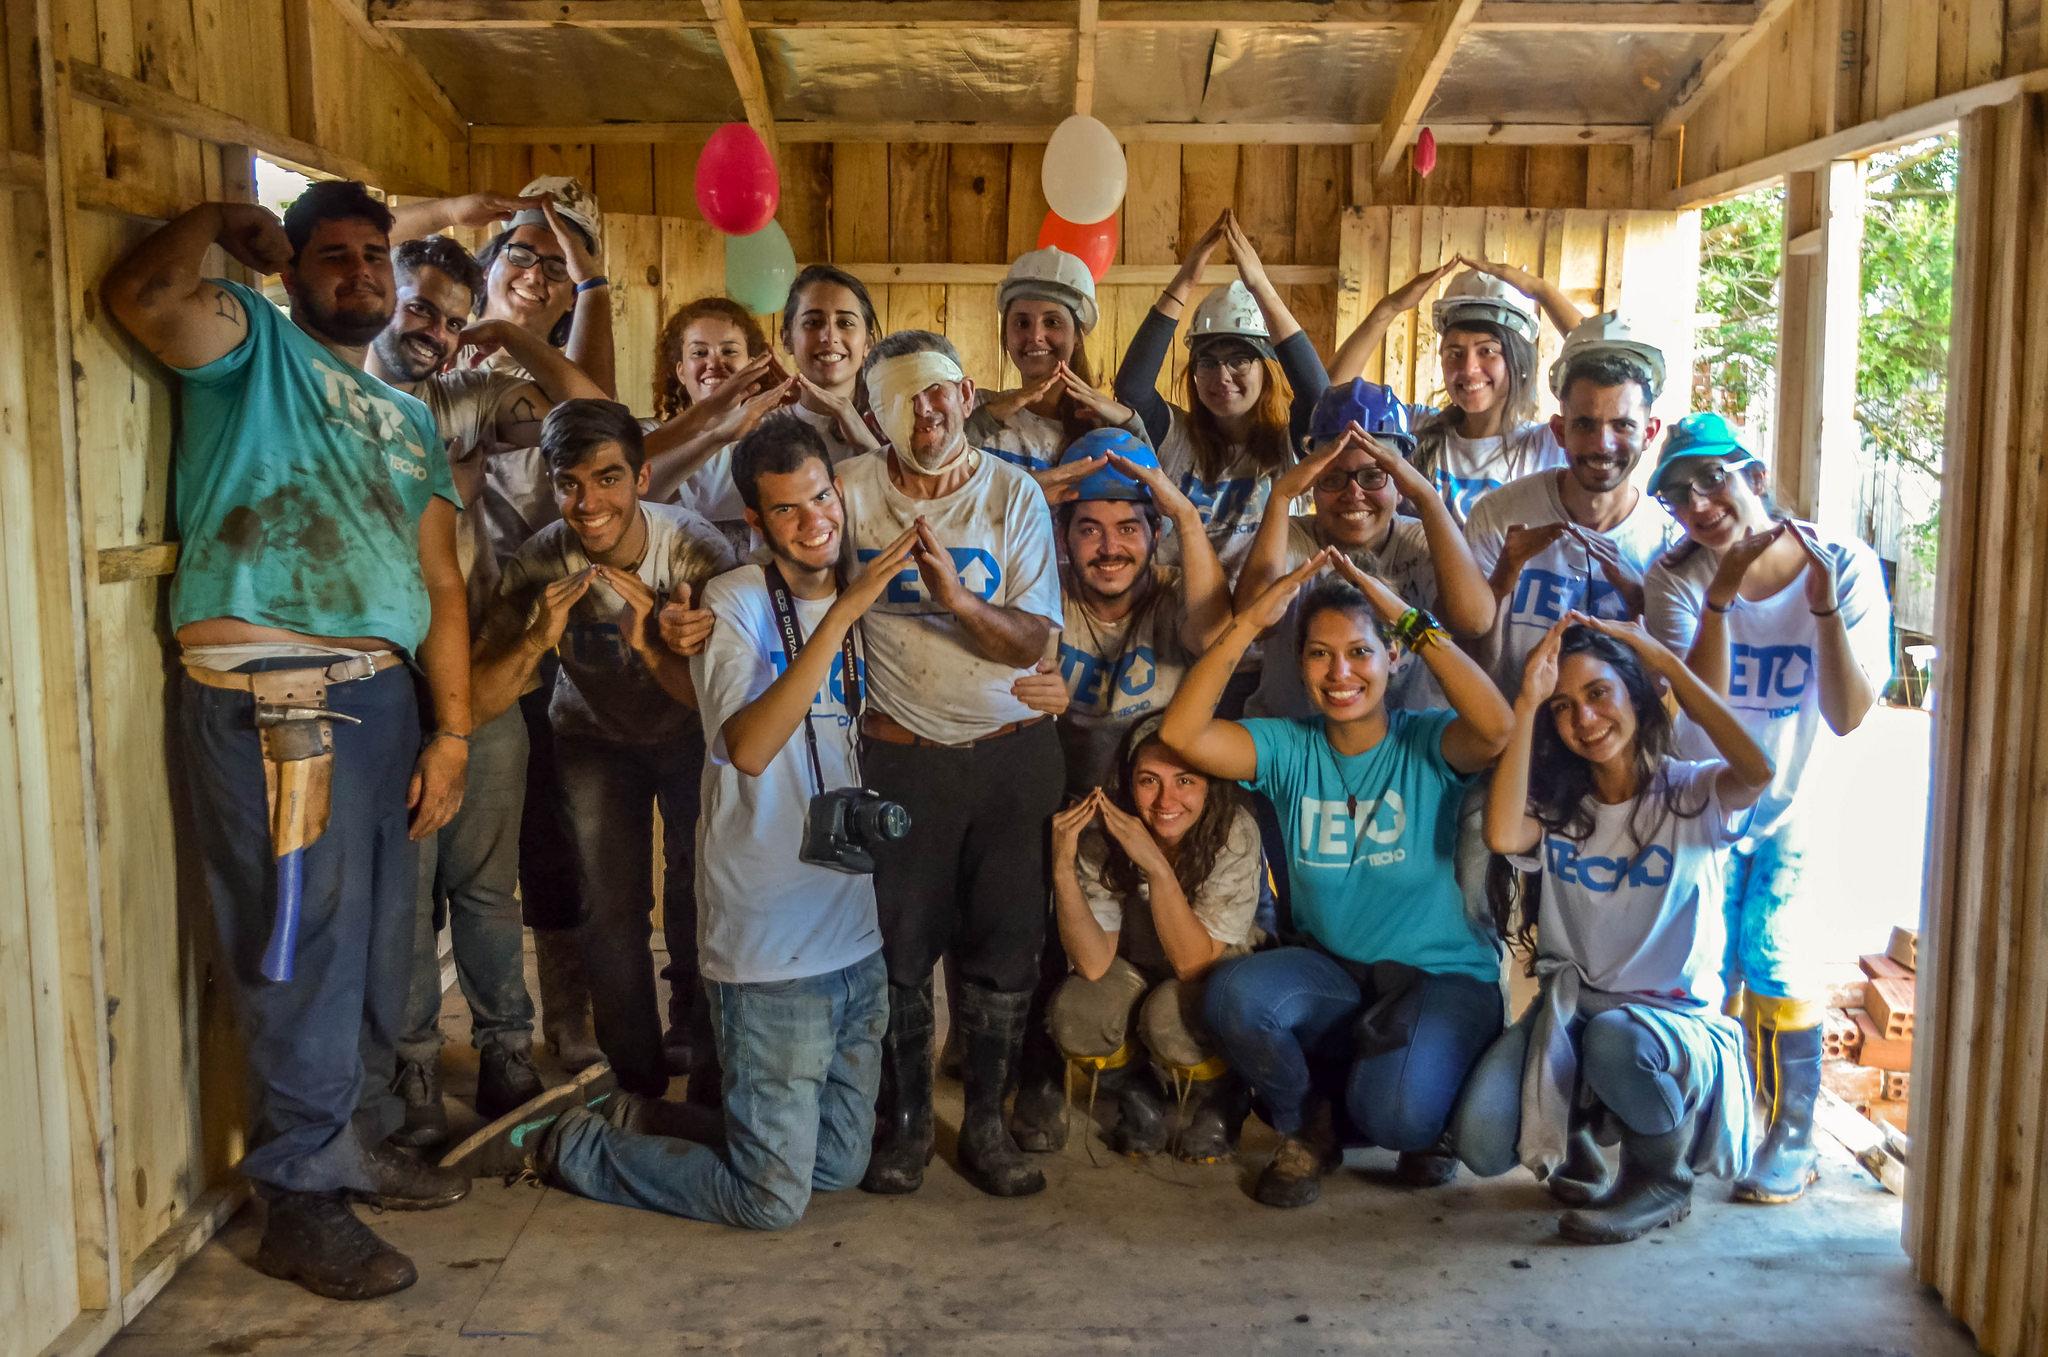 Em 7 e 8 de outubro de 2017, 21 casas foram construídas em conjunto com os moradores nas comunidades do Parolin e Caximba em Curitiba e região metropolitana. Foto: Flickr/Comunicação TETO PR